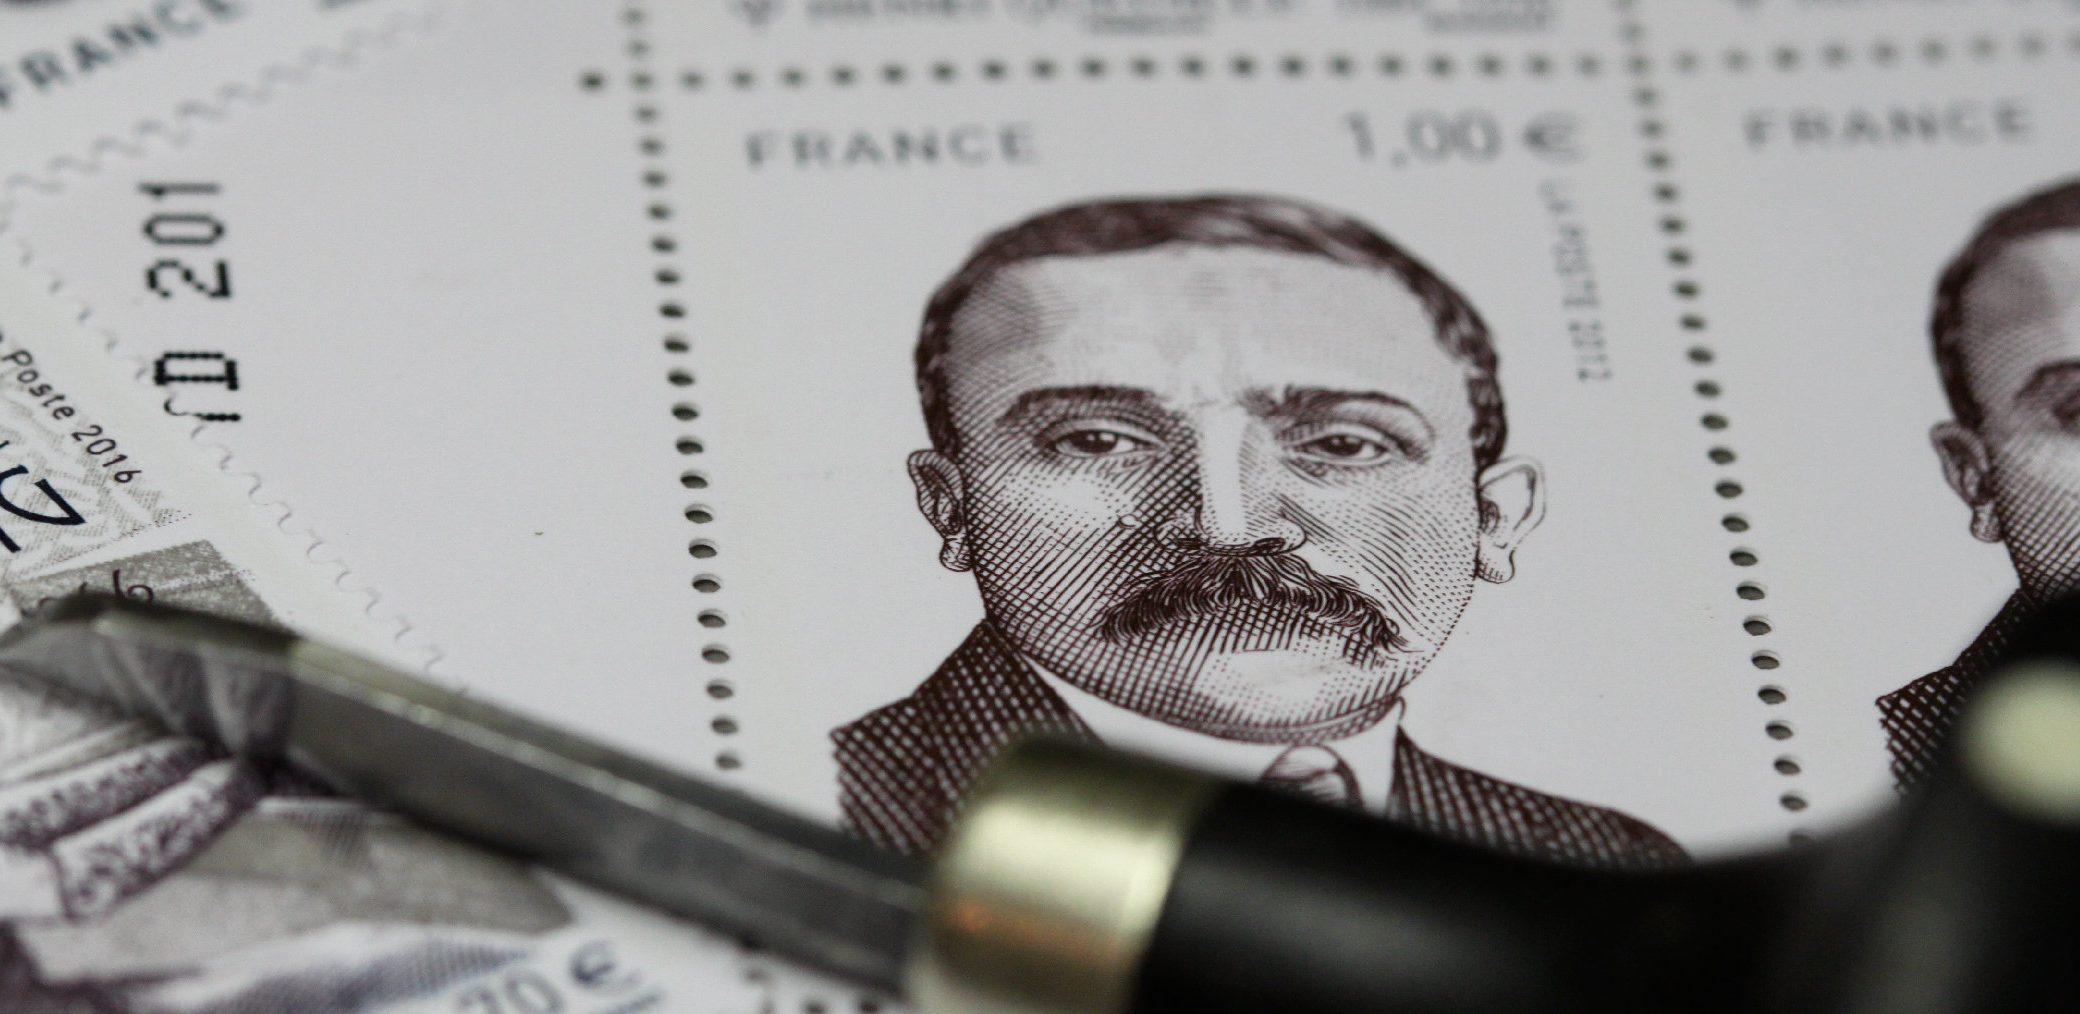 Planche de timbres, portrait d'Henri Queuille © Atelier Bougault-Desquand